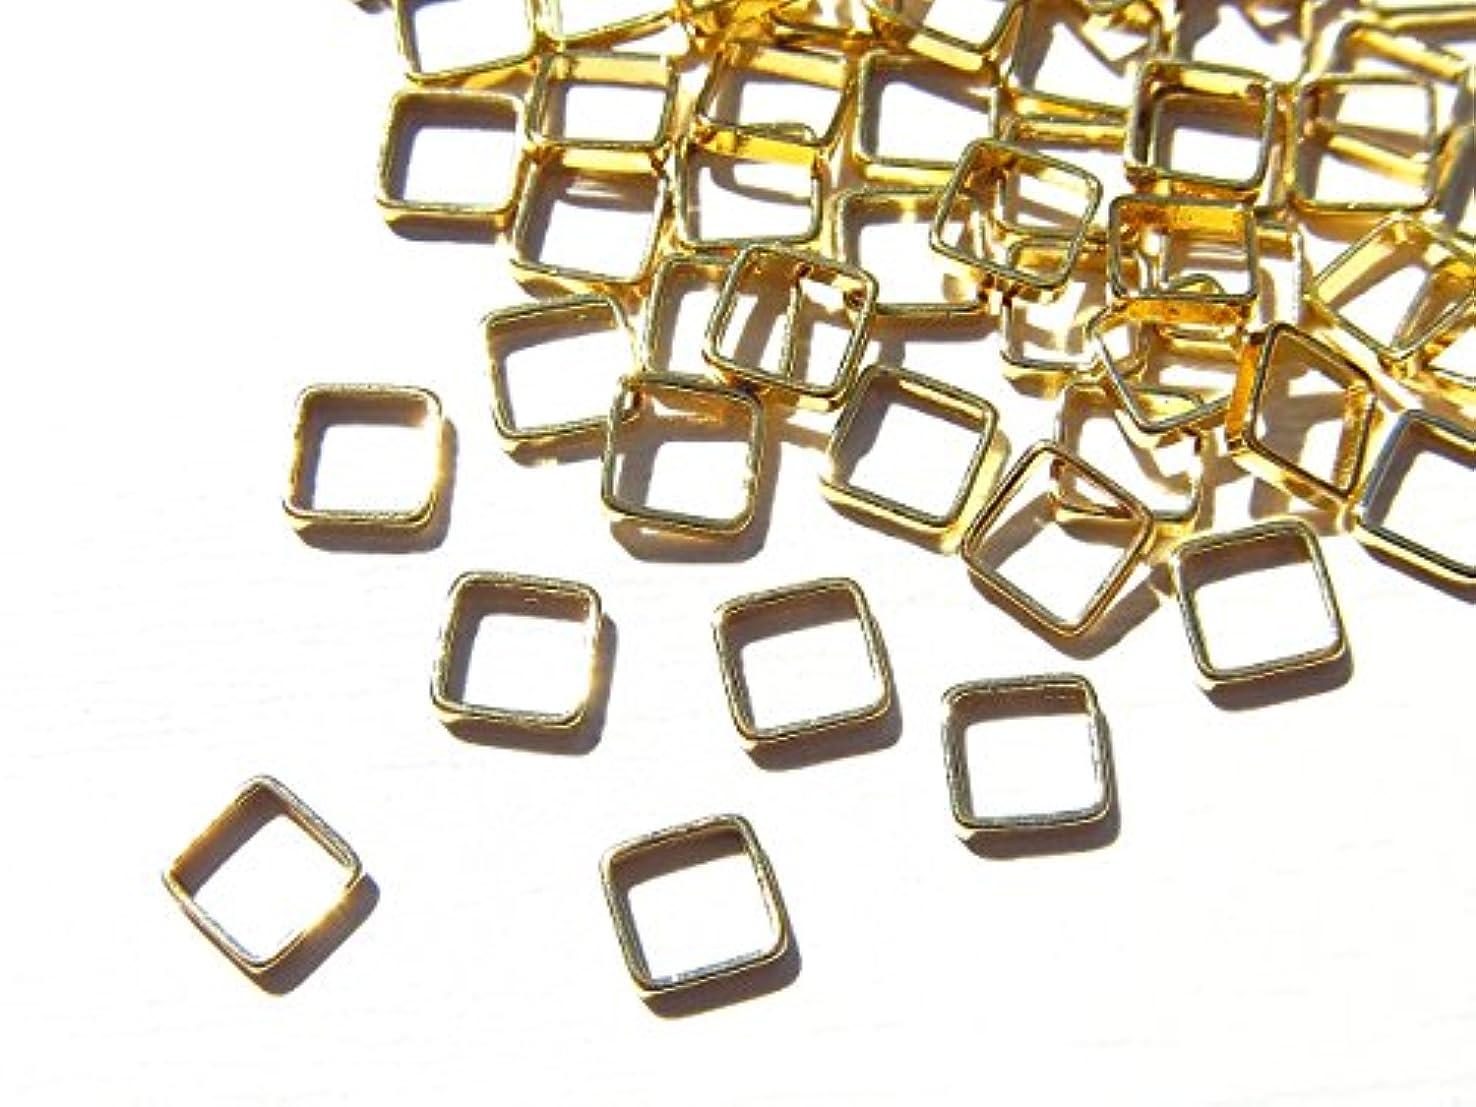 メニュー年金勧める【jewel】ゴールド 立体メタルパーツ 10個入り スクエア 型 (正方形) 直径4mm 厚み1mm 手芸 材料 レジン ネイルアート パーツ 素材